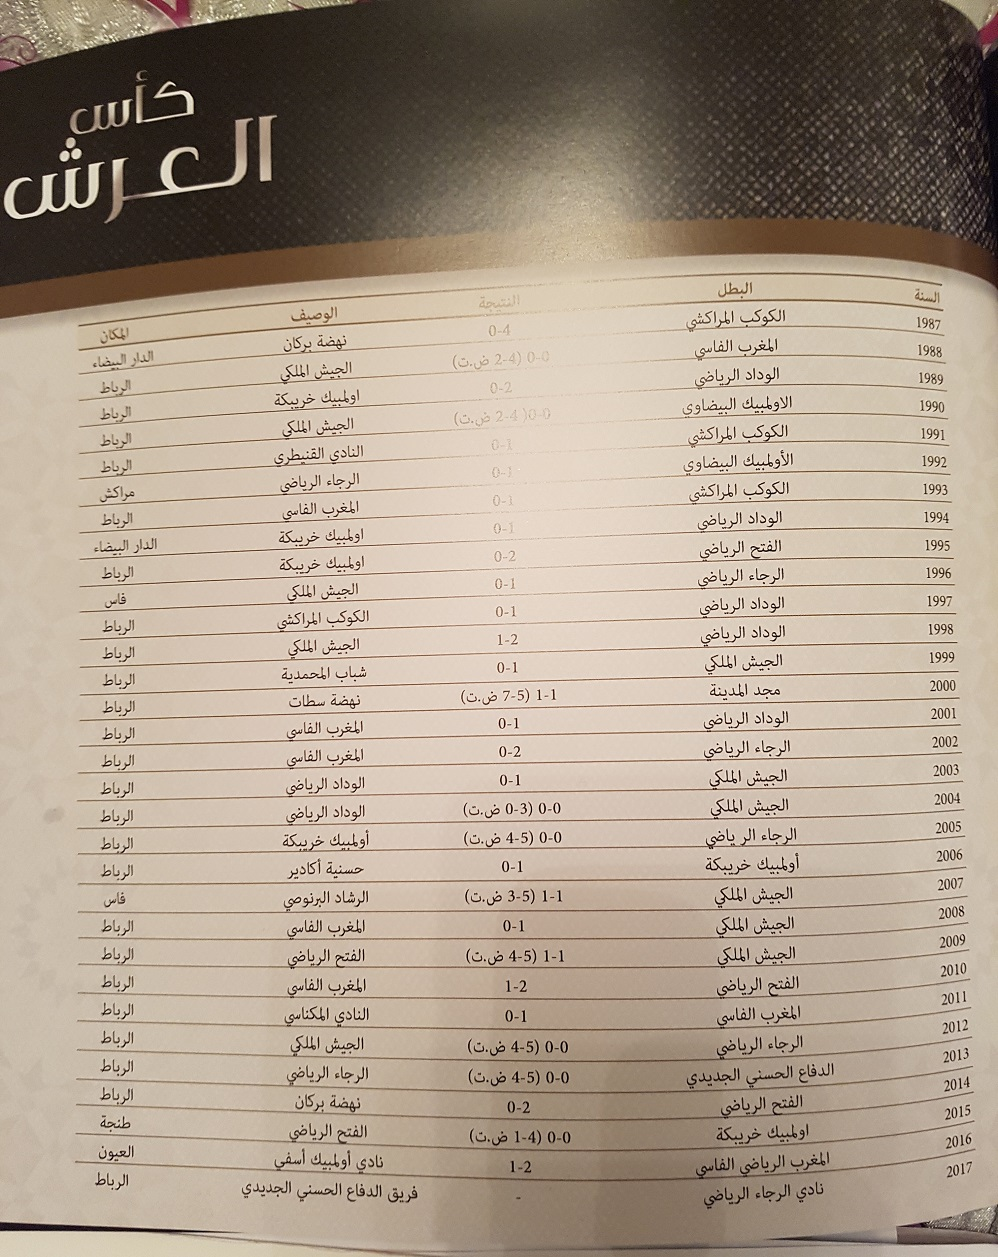 بالصورة.. لجنة الإعلام التابعة لجامعة الكرة  تتوج الرجاء بكأس العرش قبل انطلاق المباراة